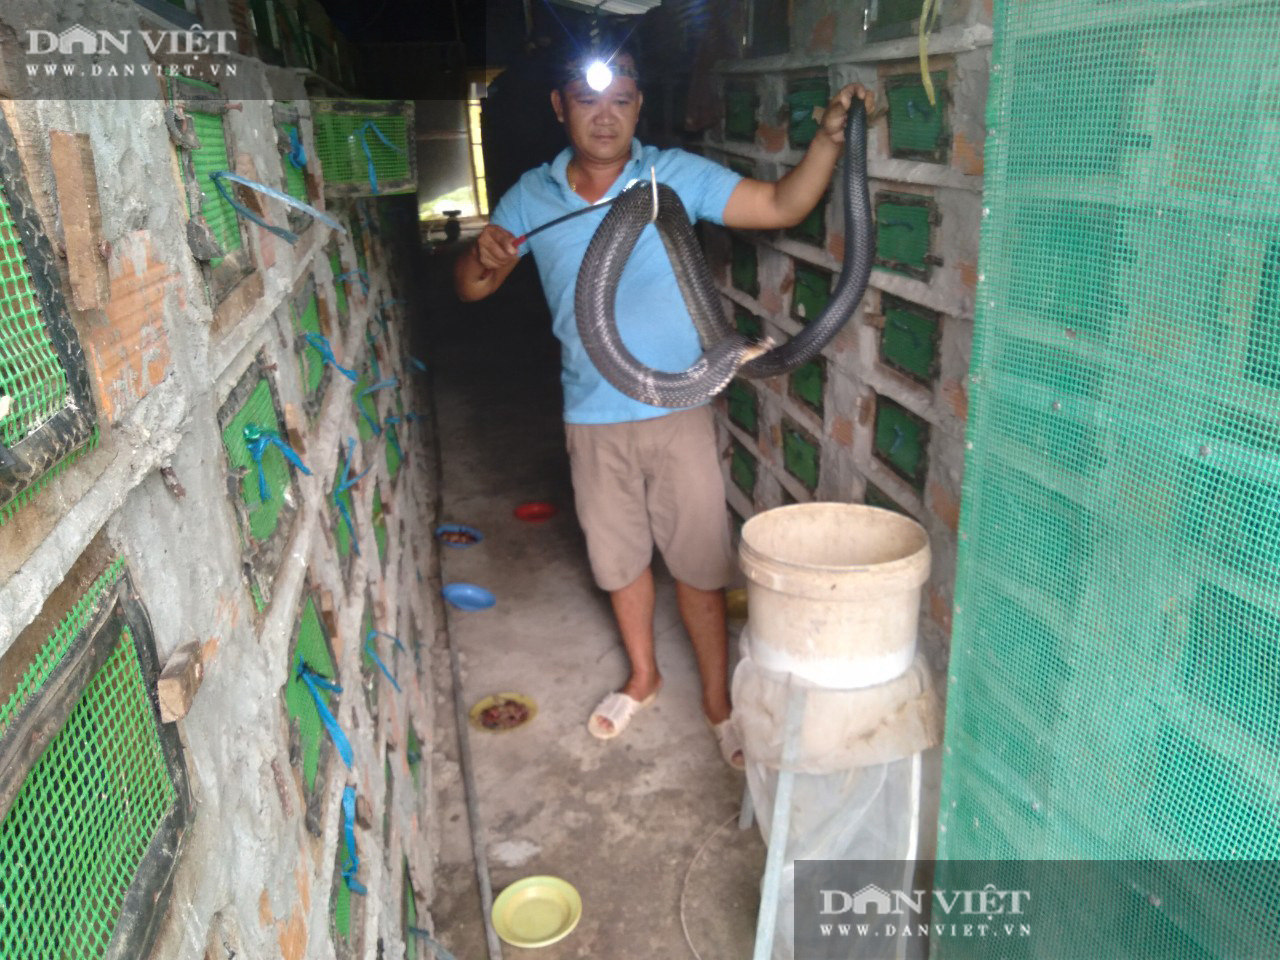 Có gì bên trong trại nuôi rắn hổ mang quy mô lớn ở tỉnh Sóc Trăng? - Ảnh 2.